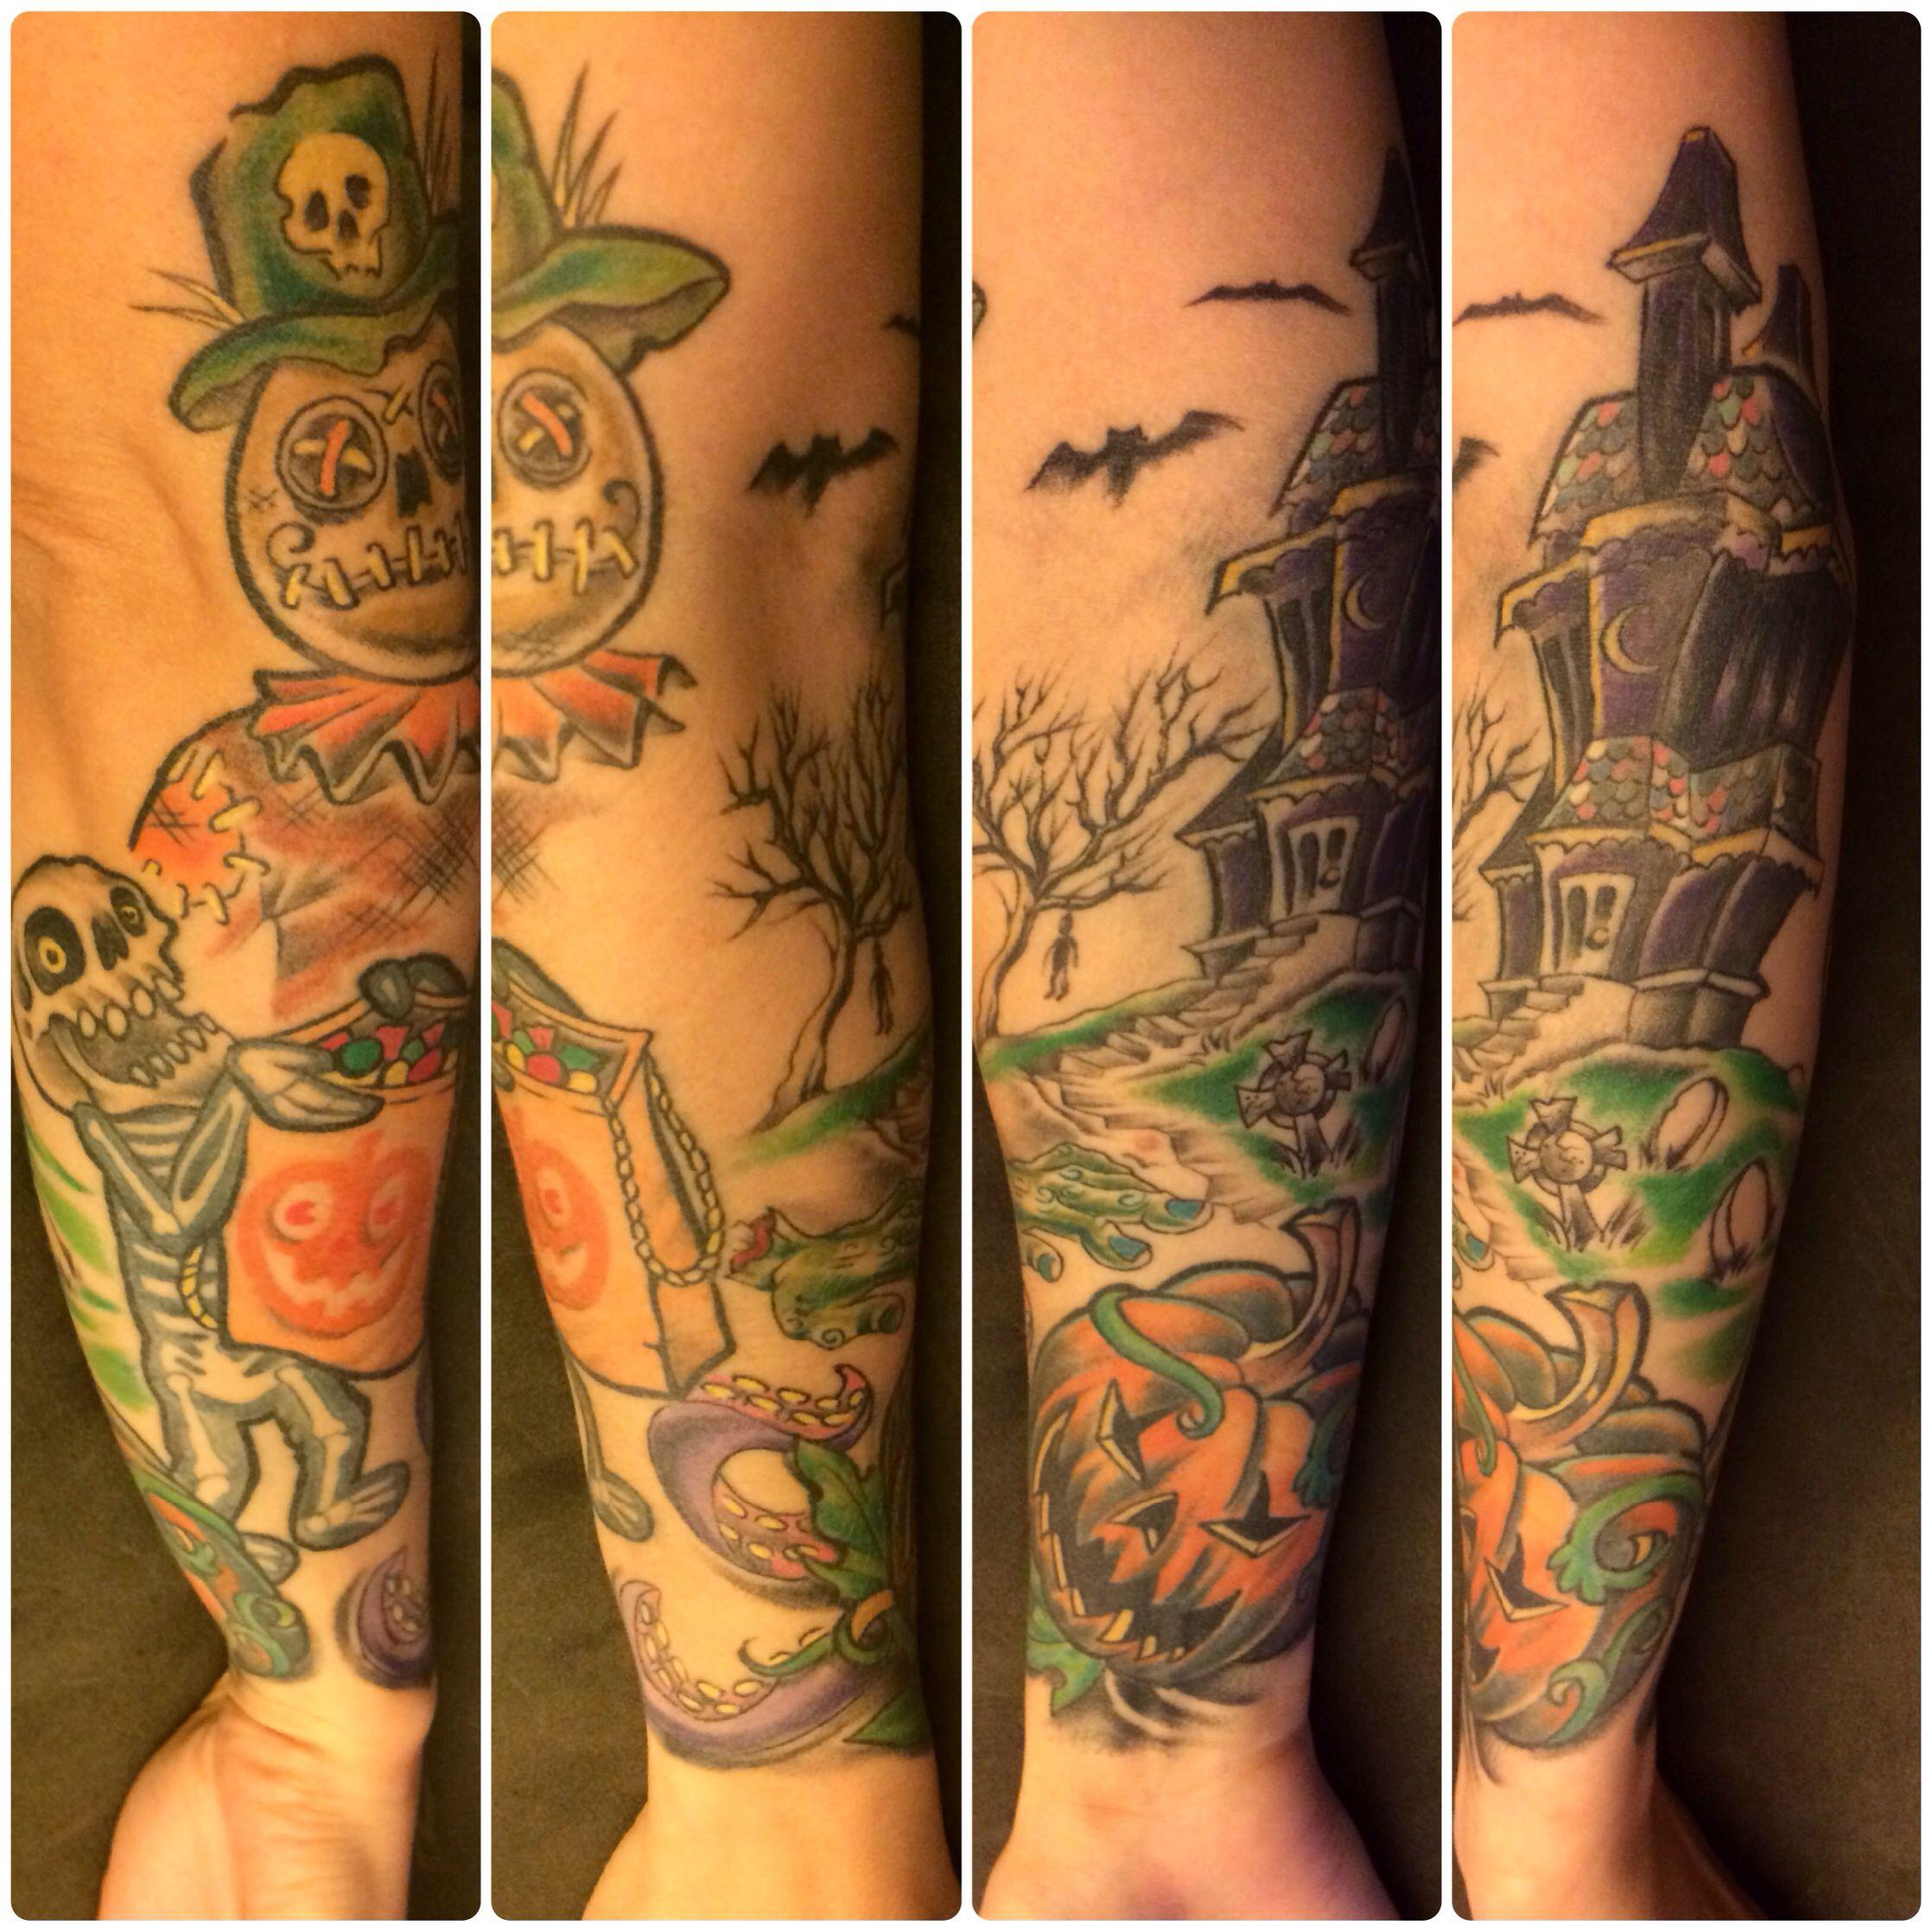 my halloween themed sleeve tattoo in progress. | tatz | pinterest